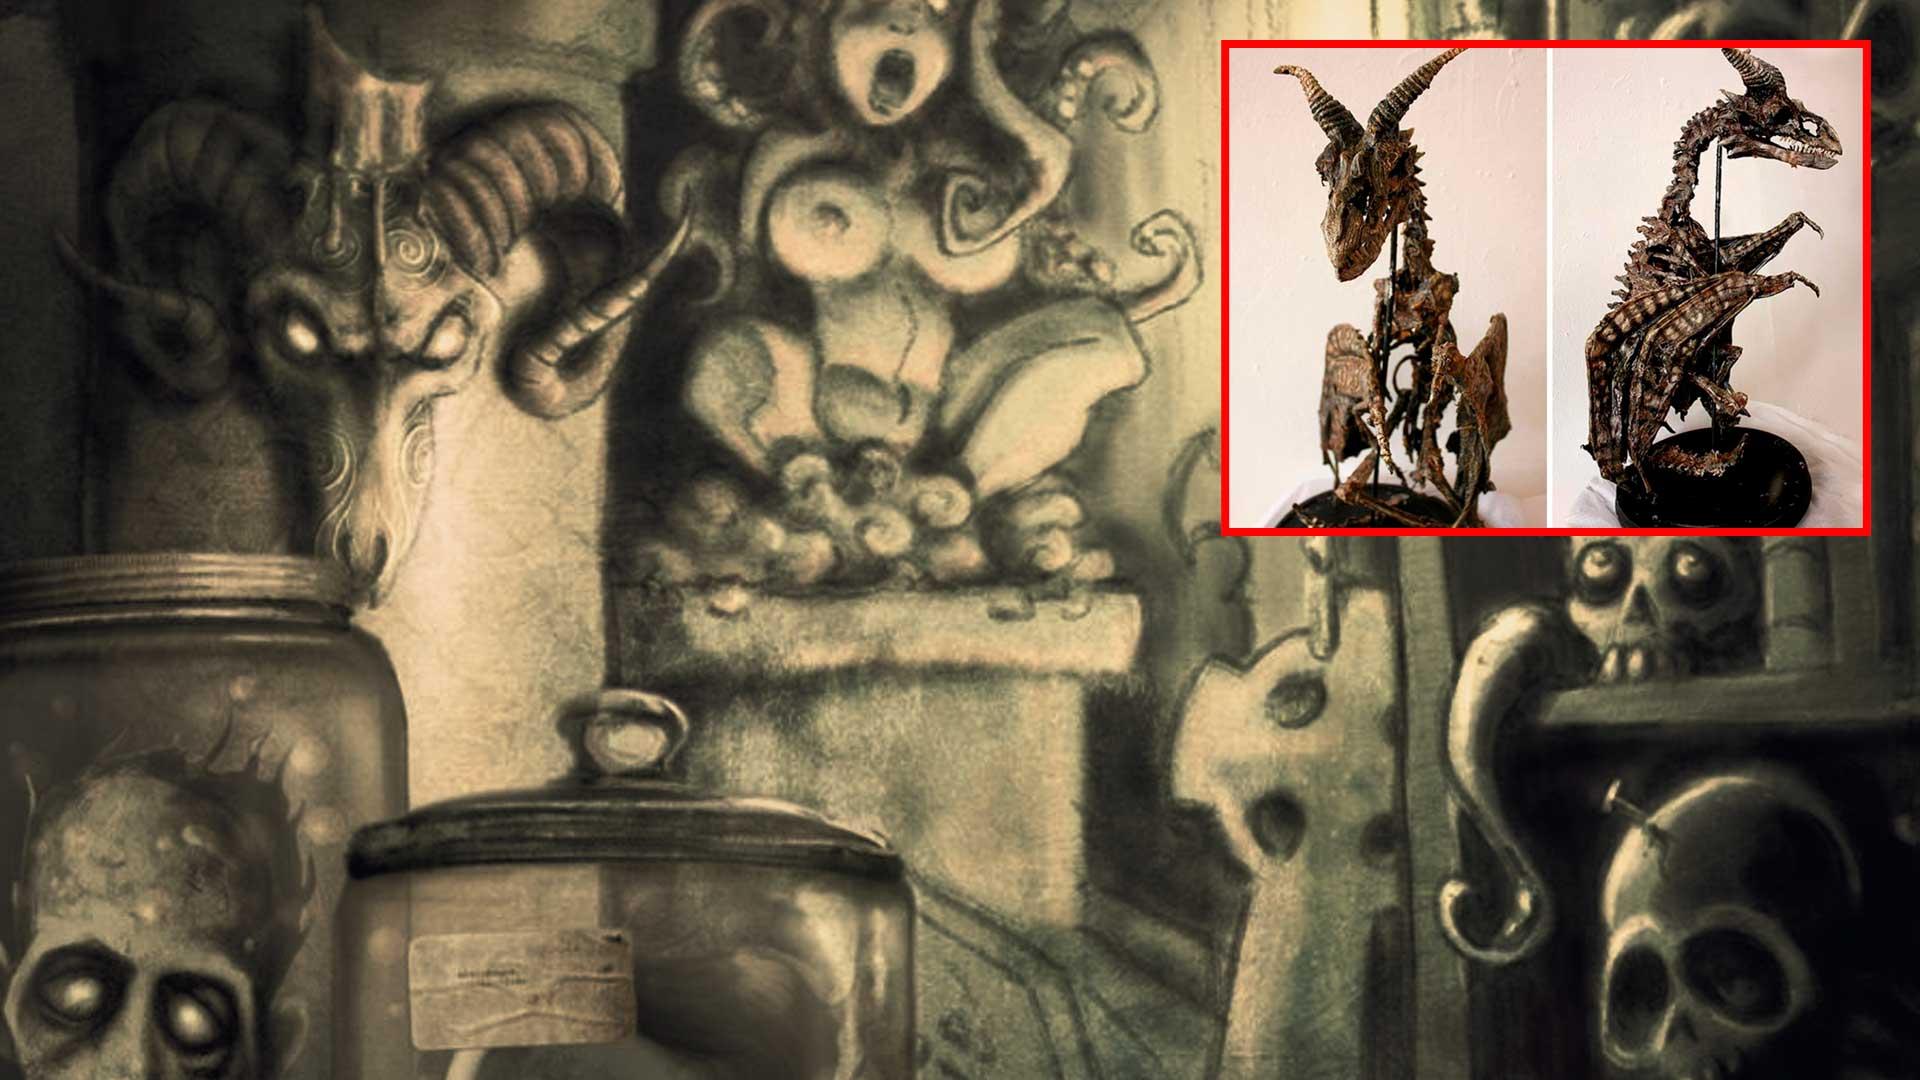 El Museo de Merrylin de las criaturas mitológicas ¿confirma su existencia?